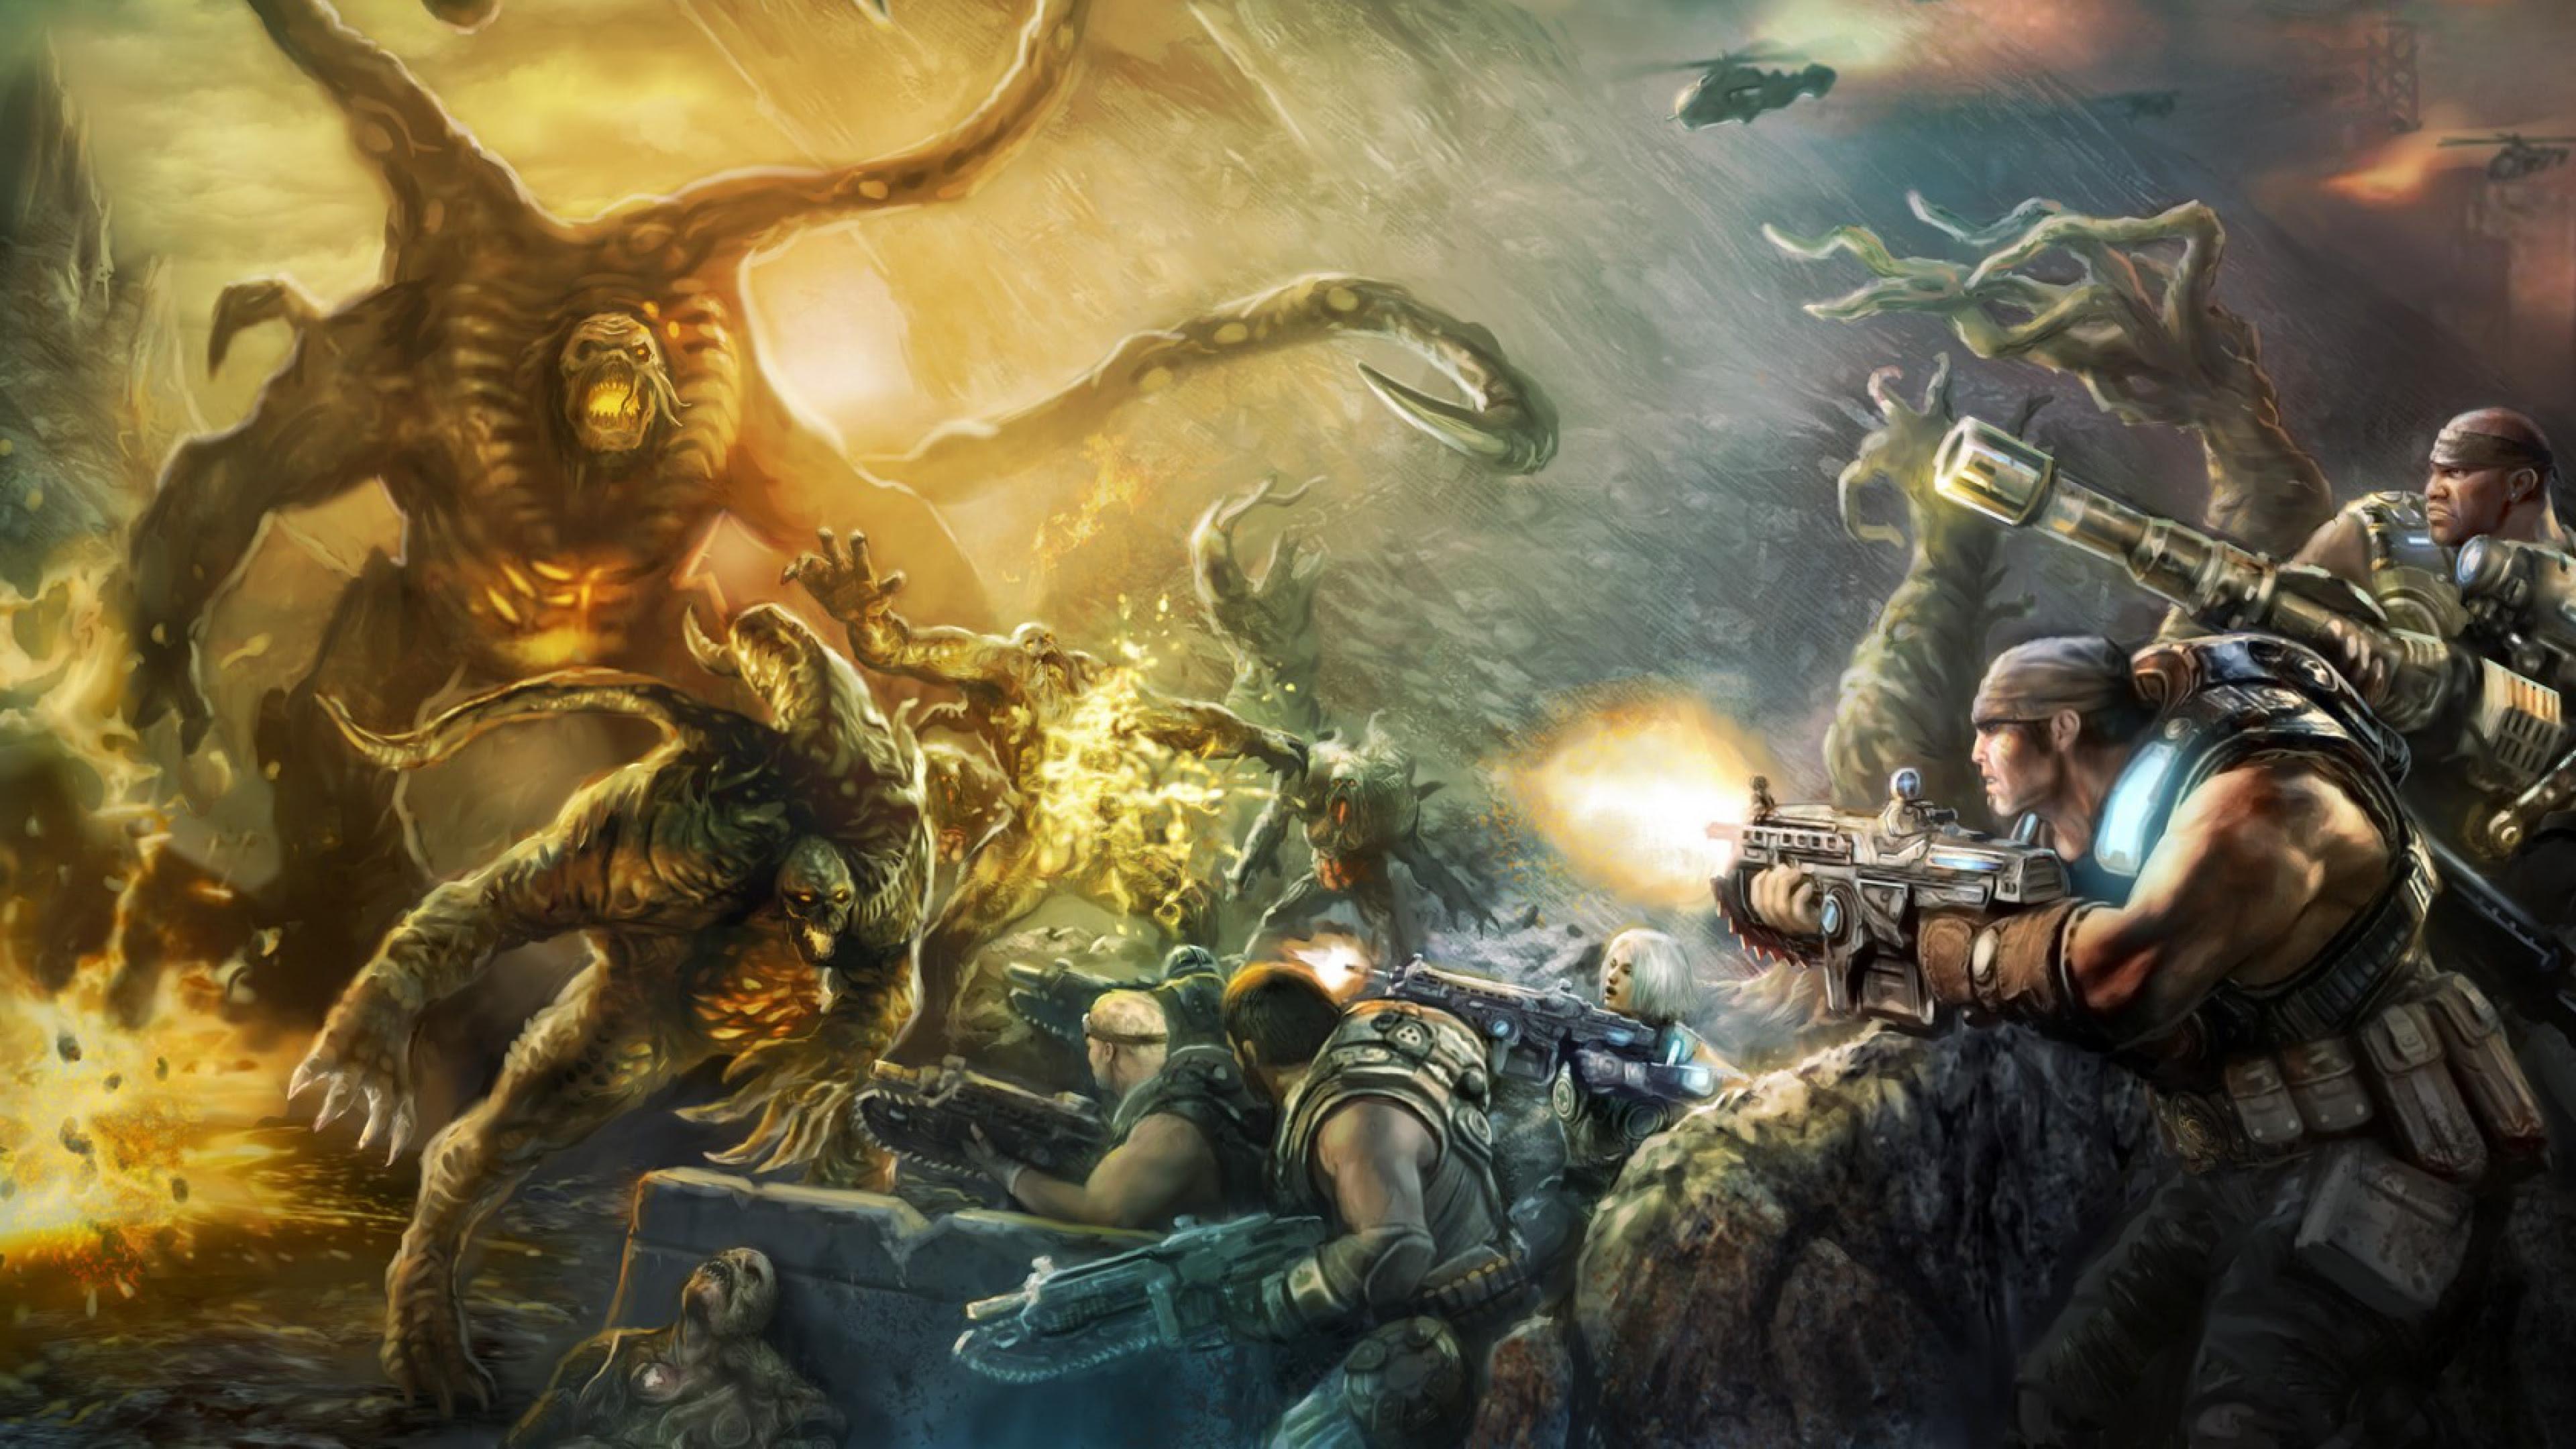 4K Gaming Wallpaper - WallpaperSafari